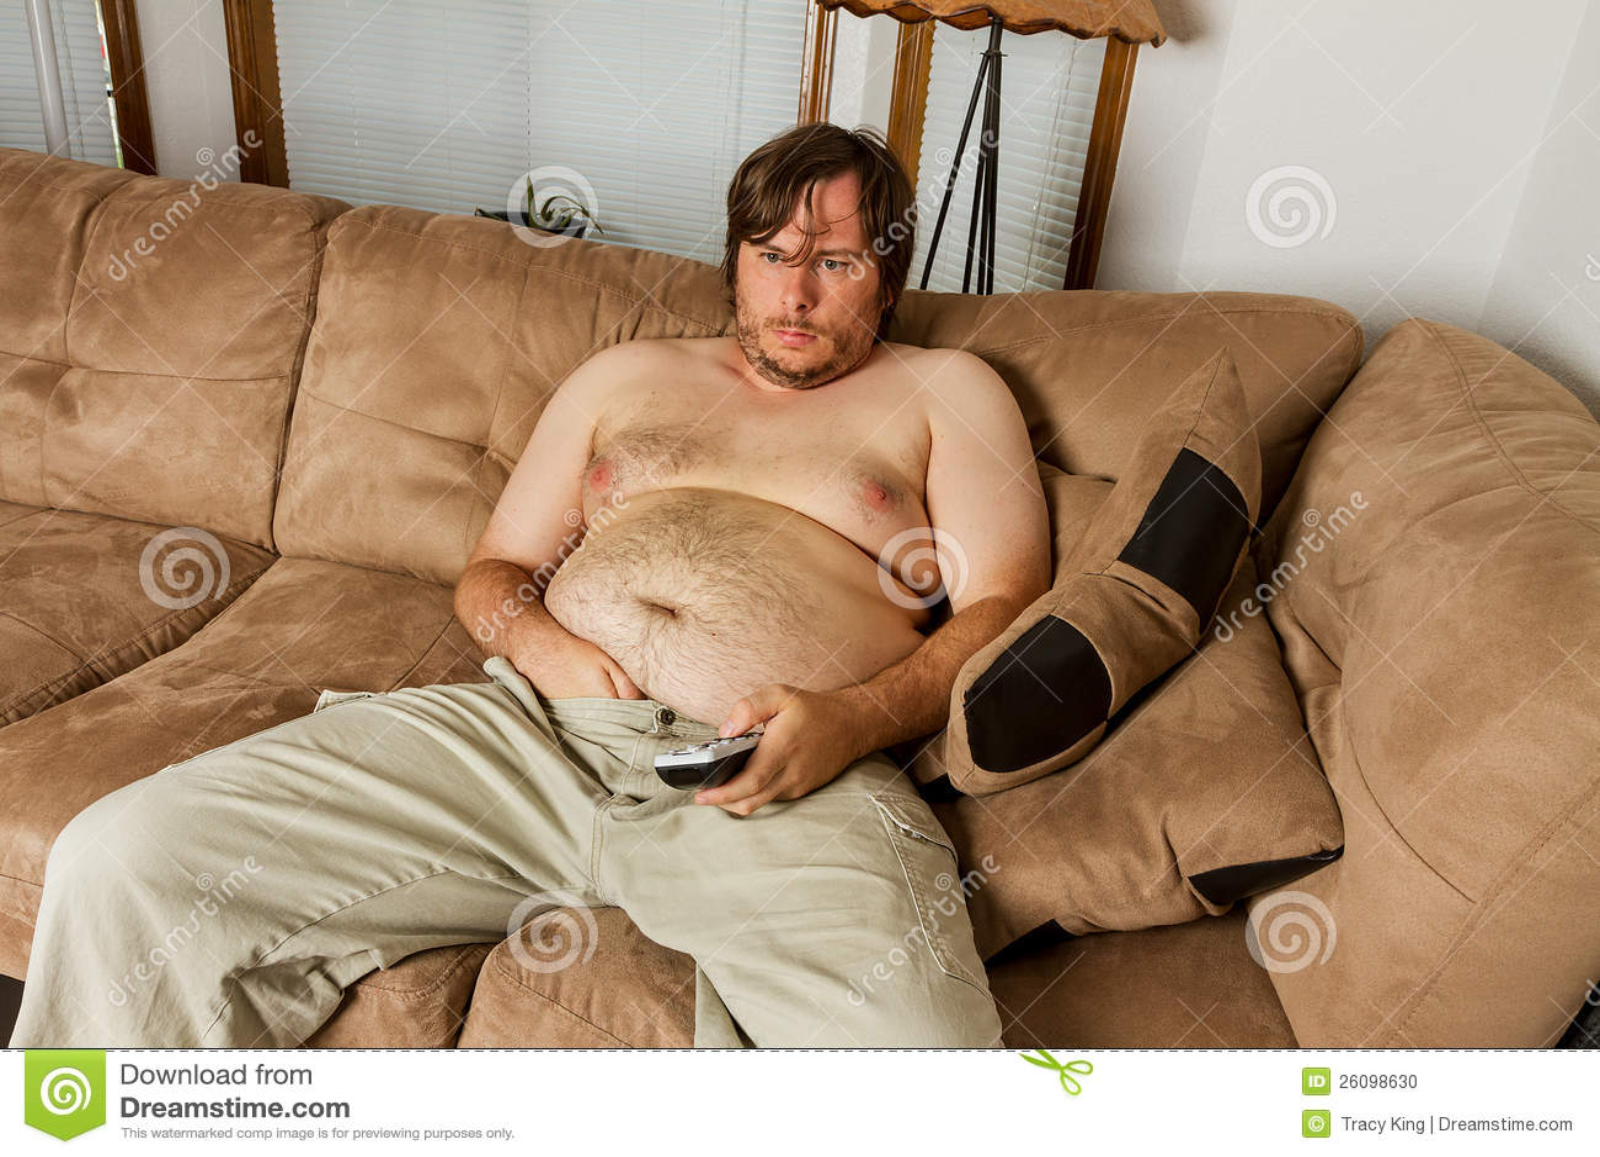 Фото мужик лежит на диване 10 фотография